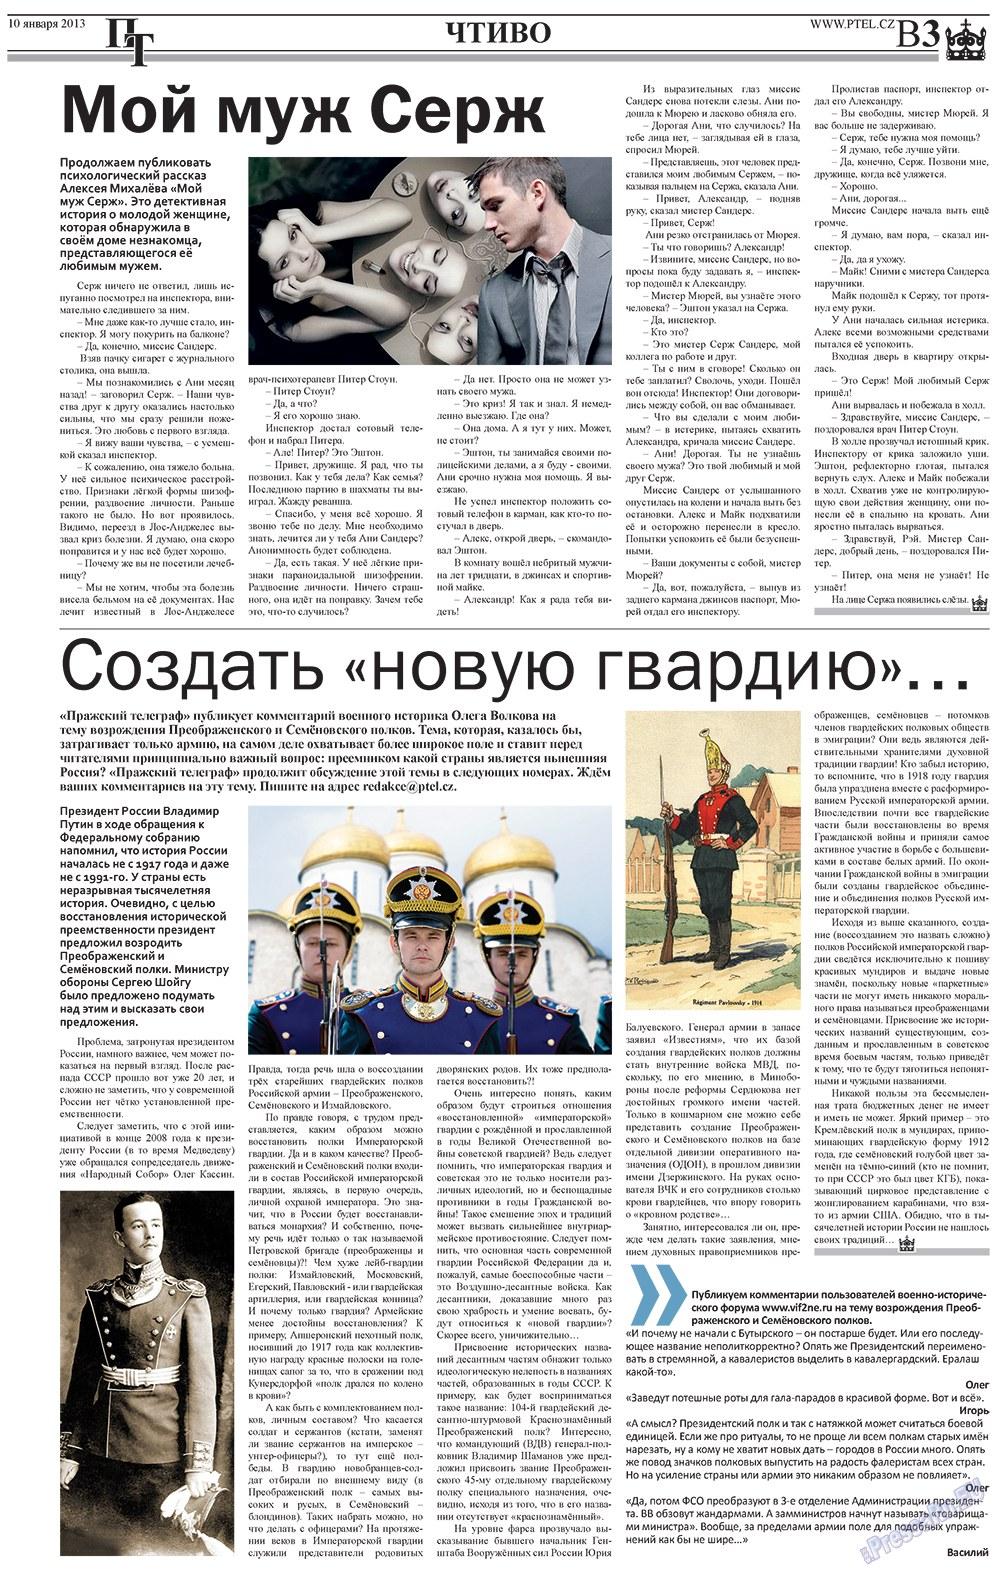 Пражский телеграф (газета). 2013 год, номер 1, стр. 11